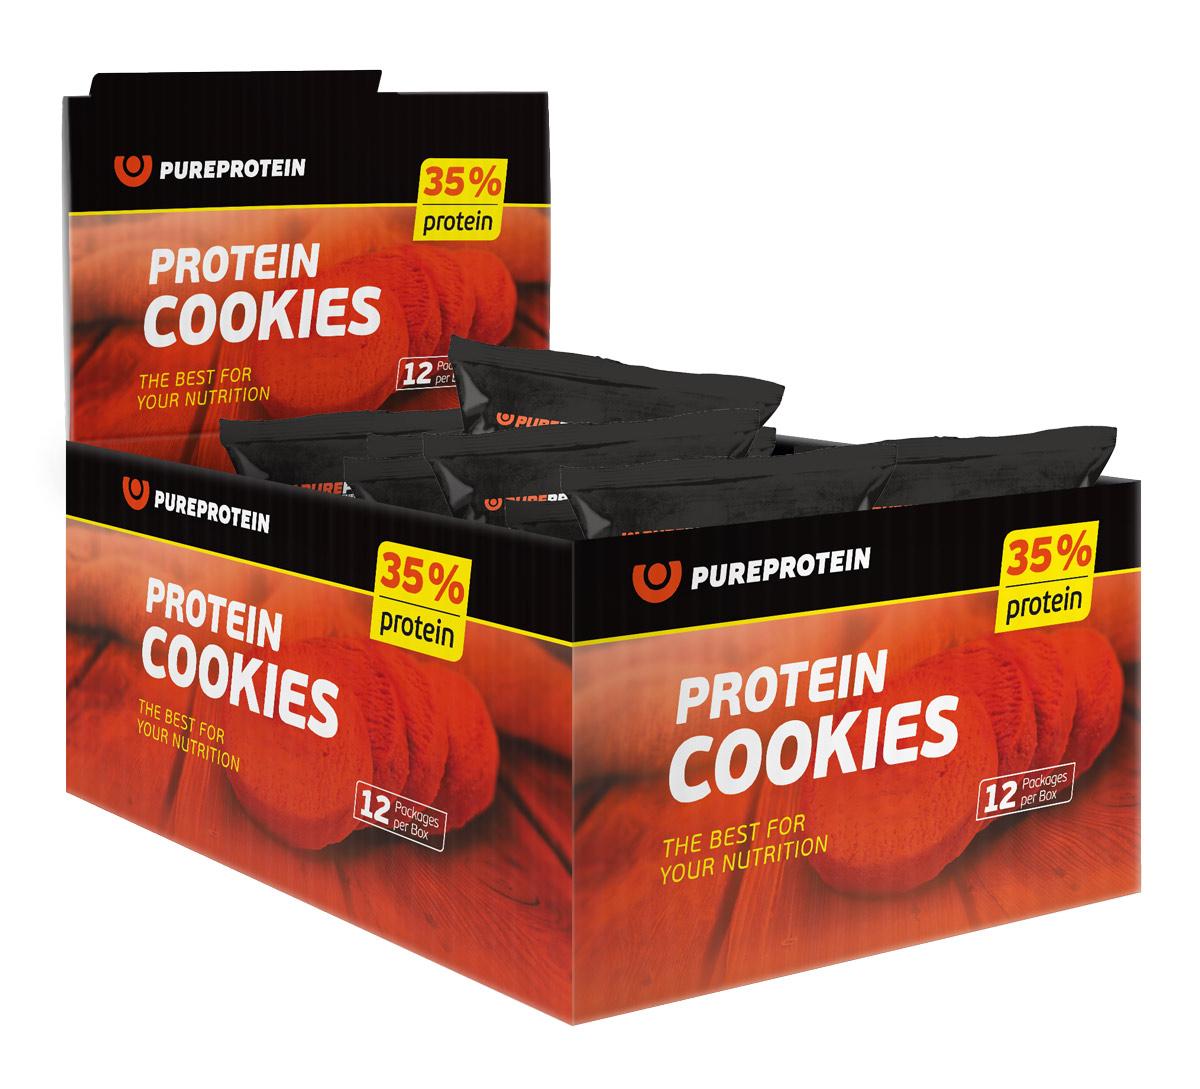 Печенье PureProtein Protein Cookies, с высоким содержанием белка, банан, кокос, шоколад, 12 шт по 80 г печенье fuze cookies кокос 40 г